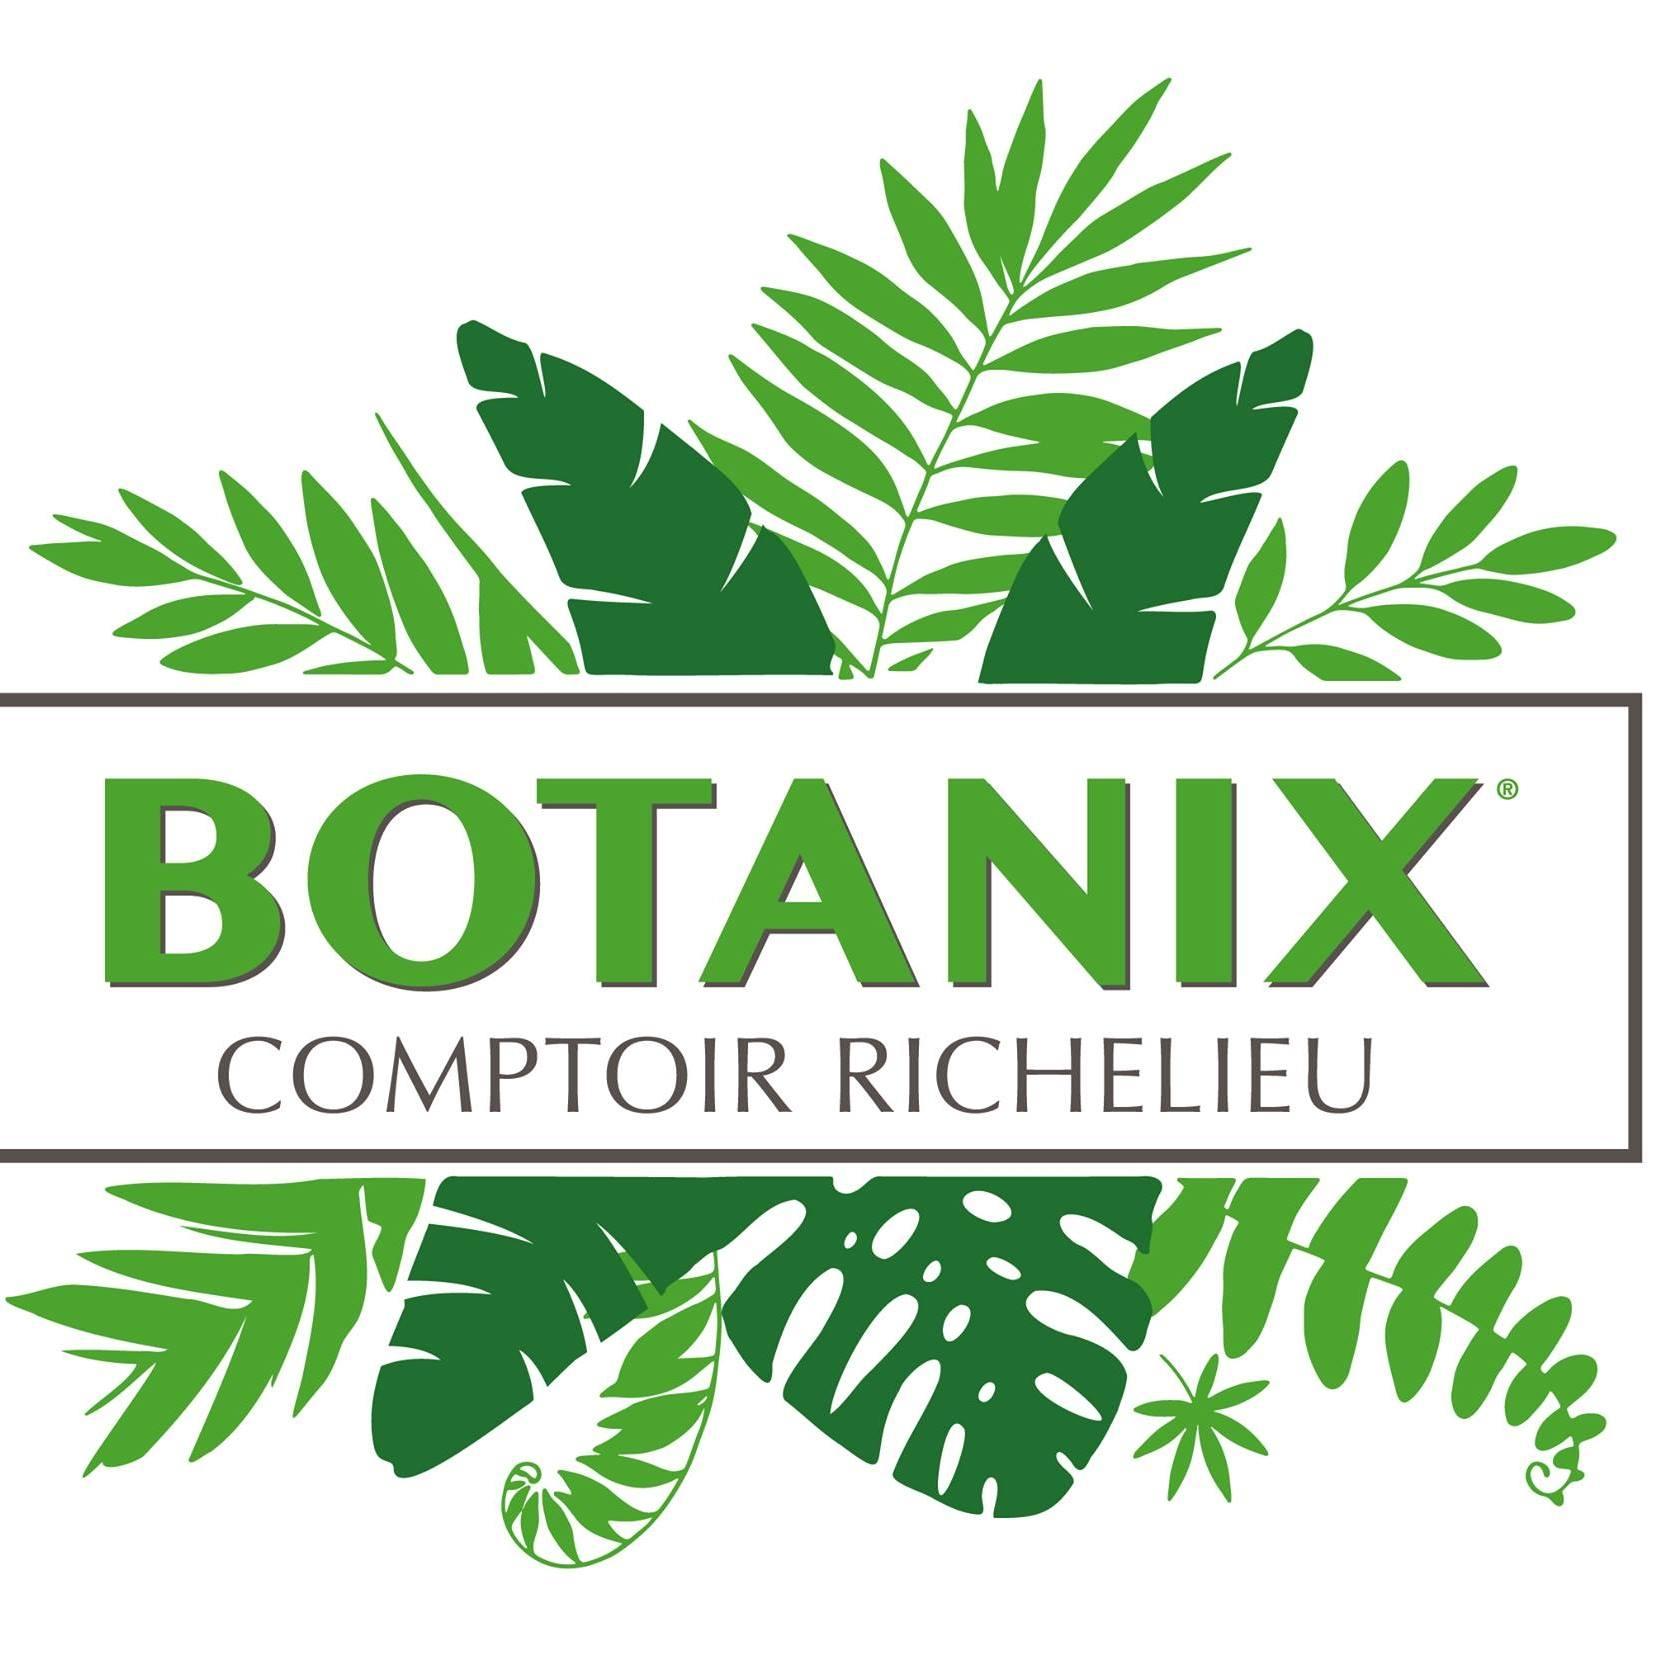 Botanix Comptoir Richelieu